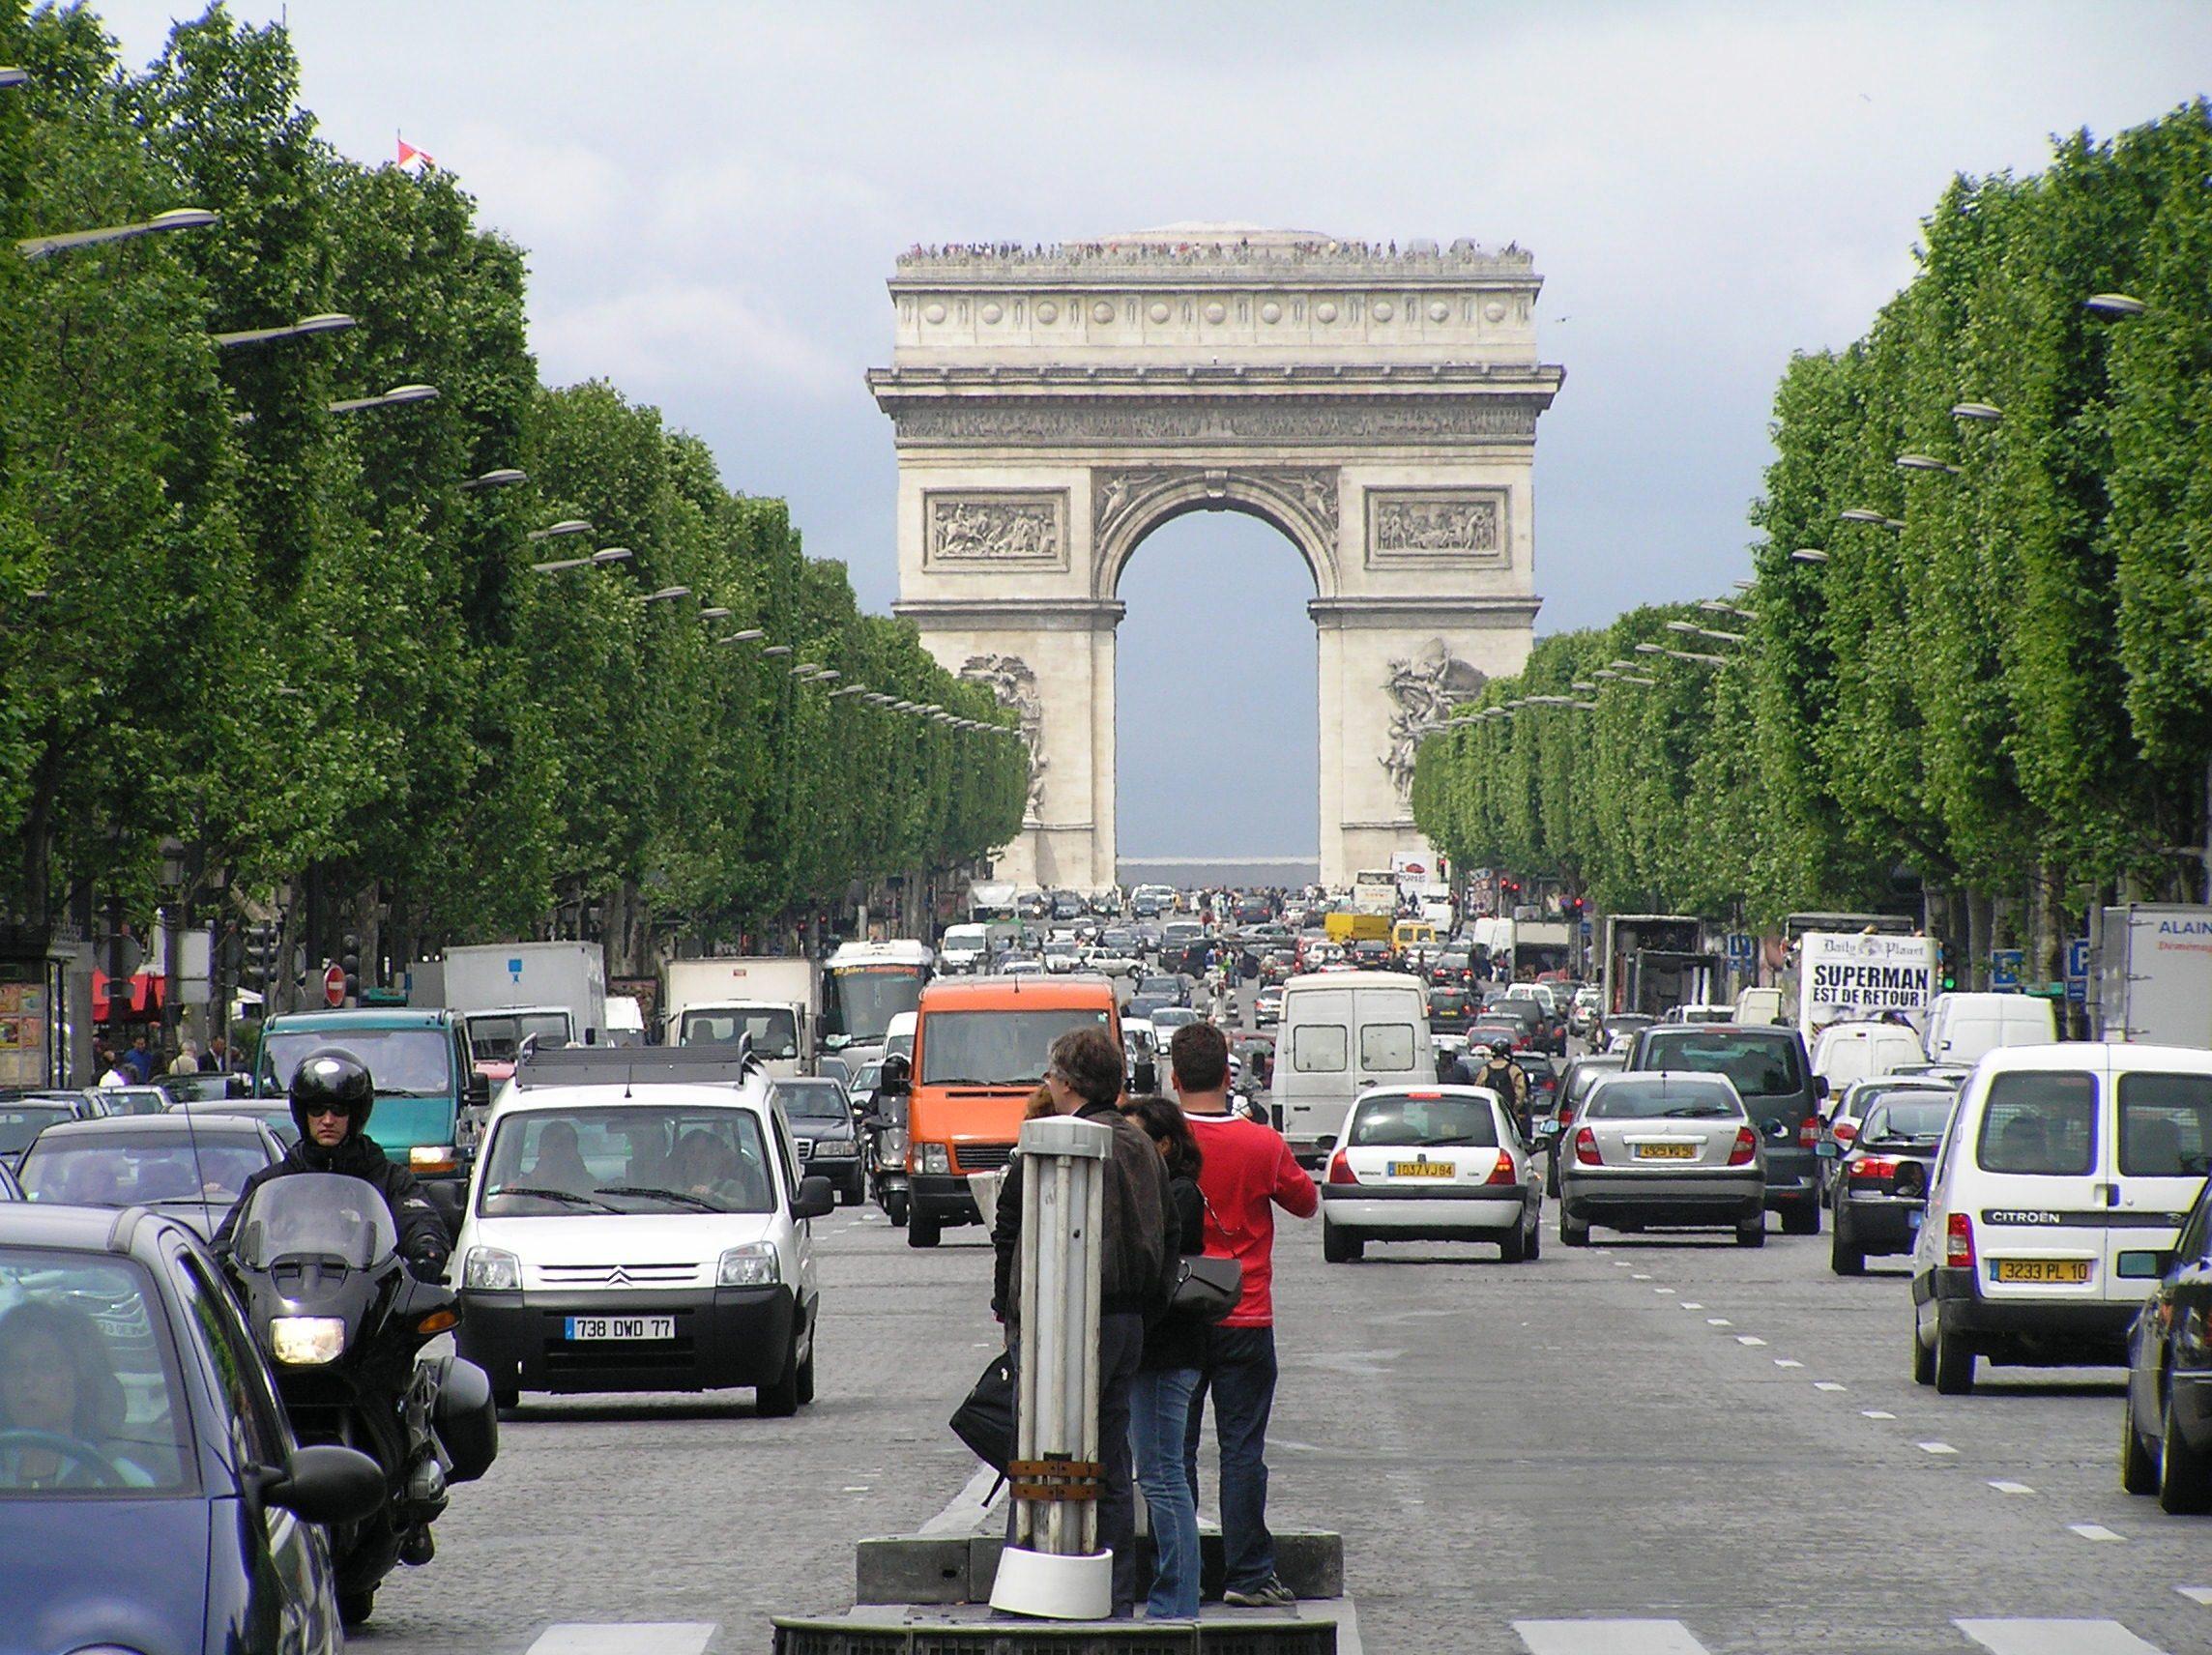 Francie, Paříž, Vítězný oblouk